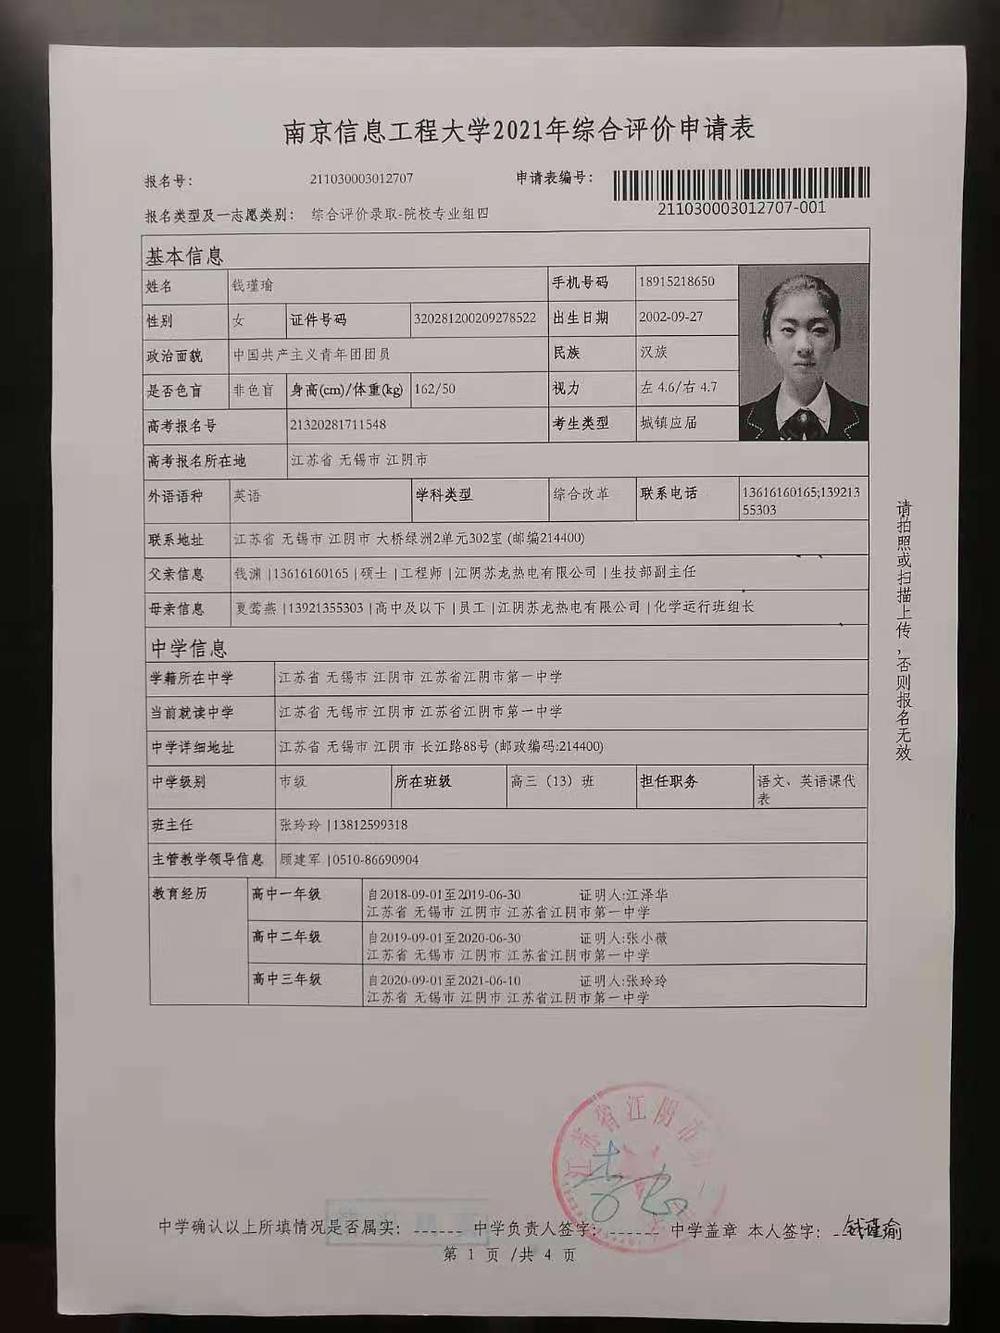 南京信息工程大学公示材料1.jpg